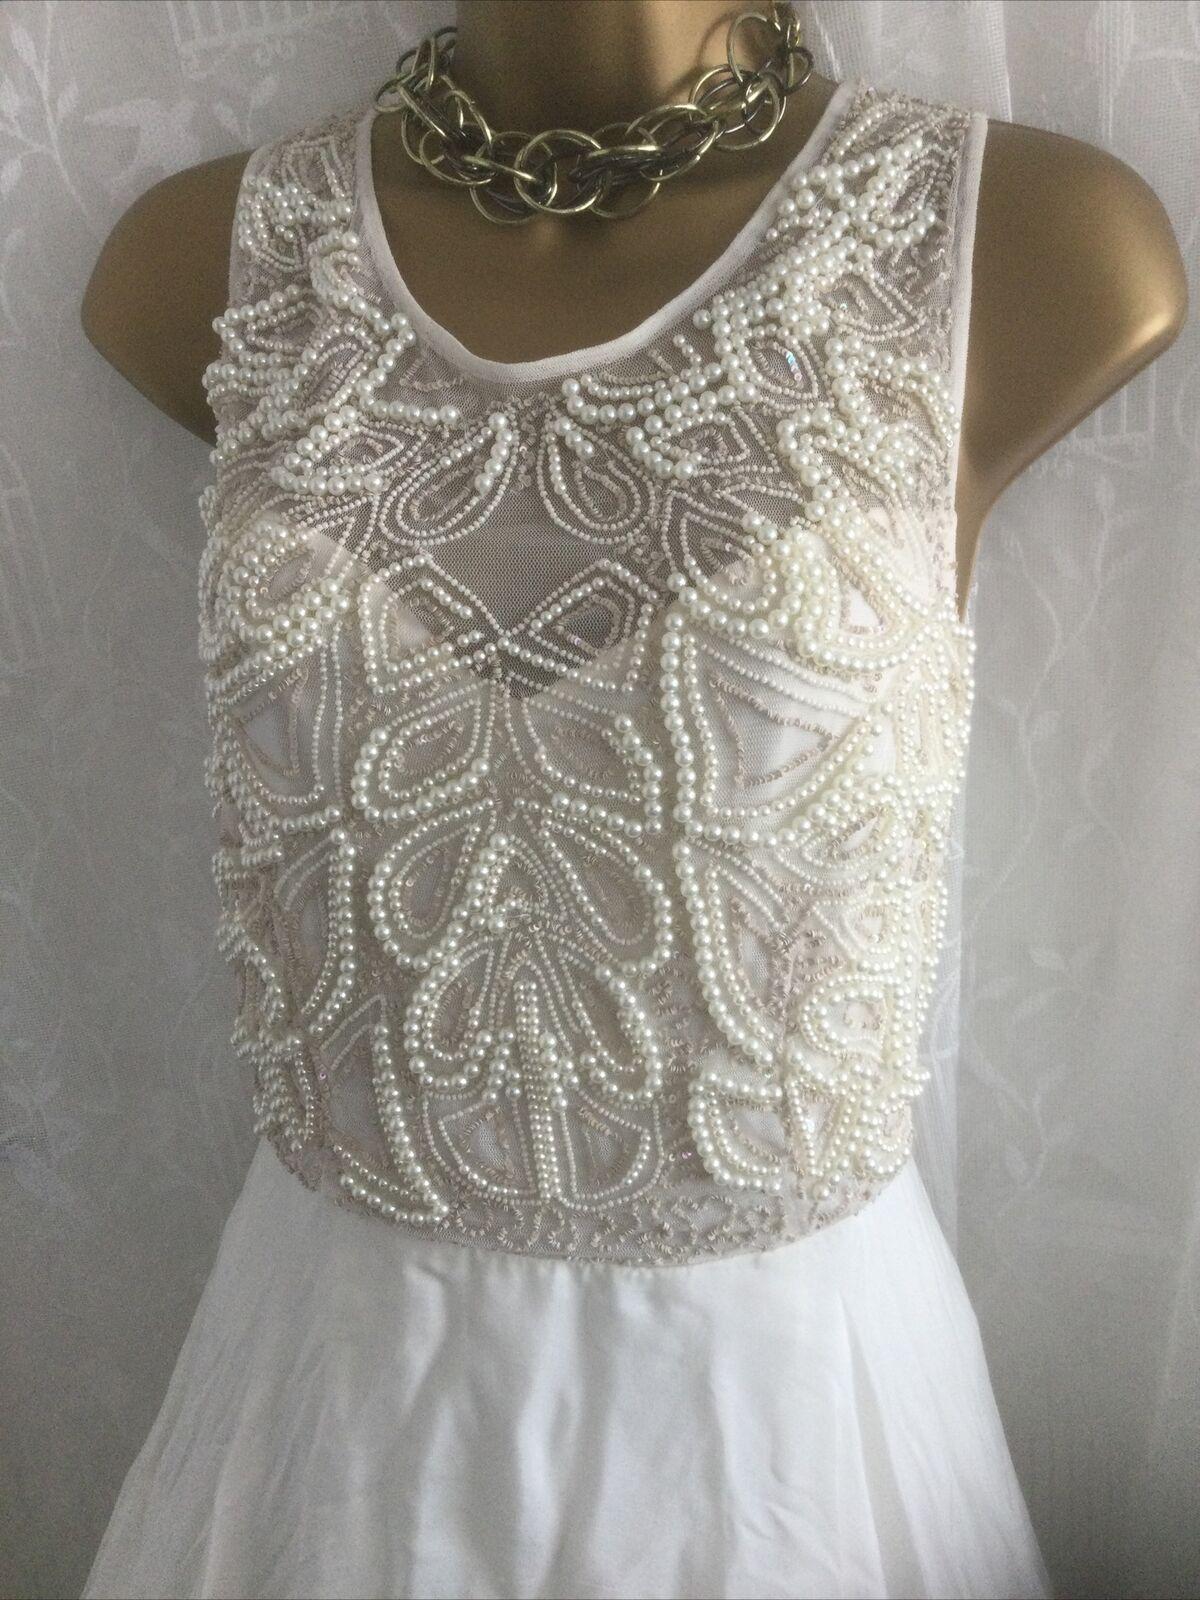 Monsoon - Bridal Wedding Embellished Lined Dress Ivory - Size 12 Dasha Bnwt